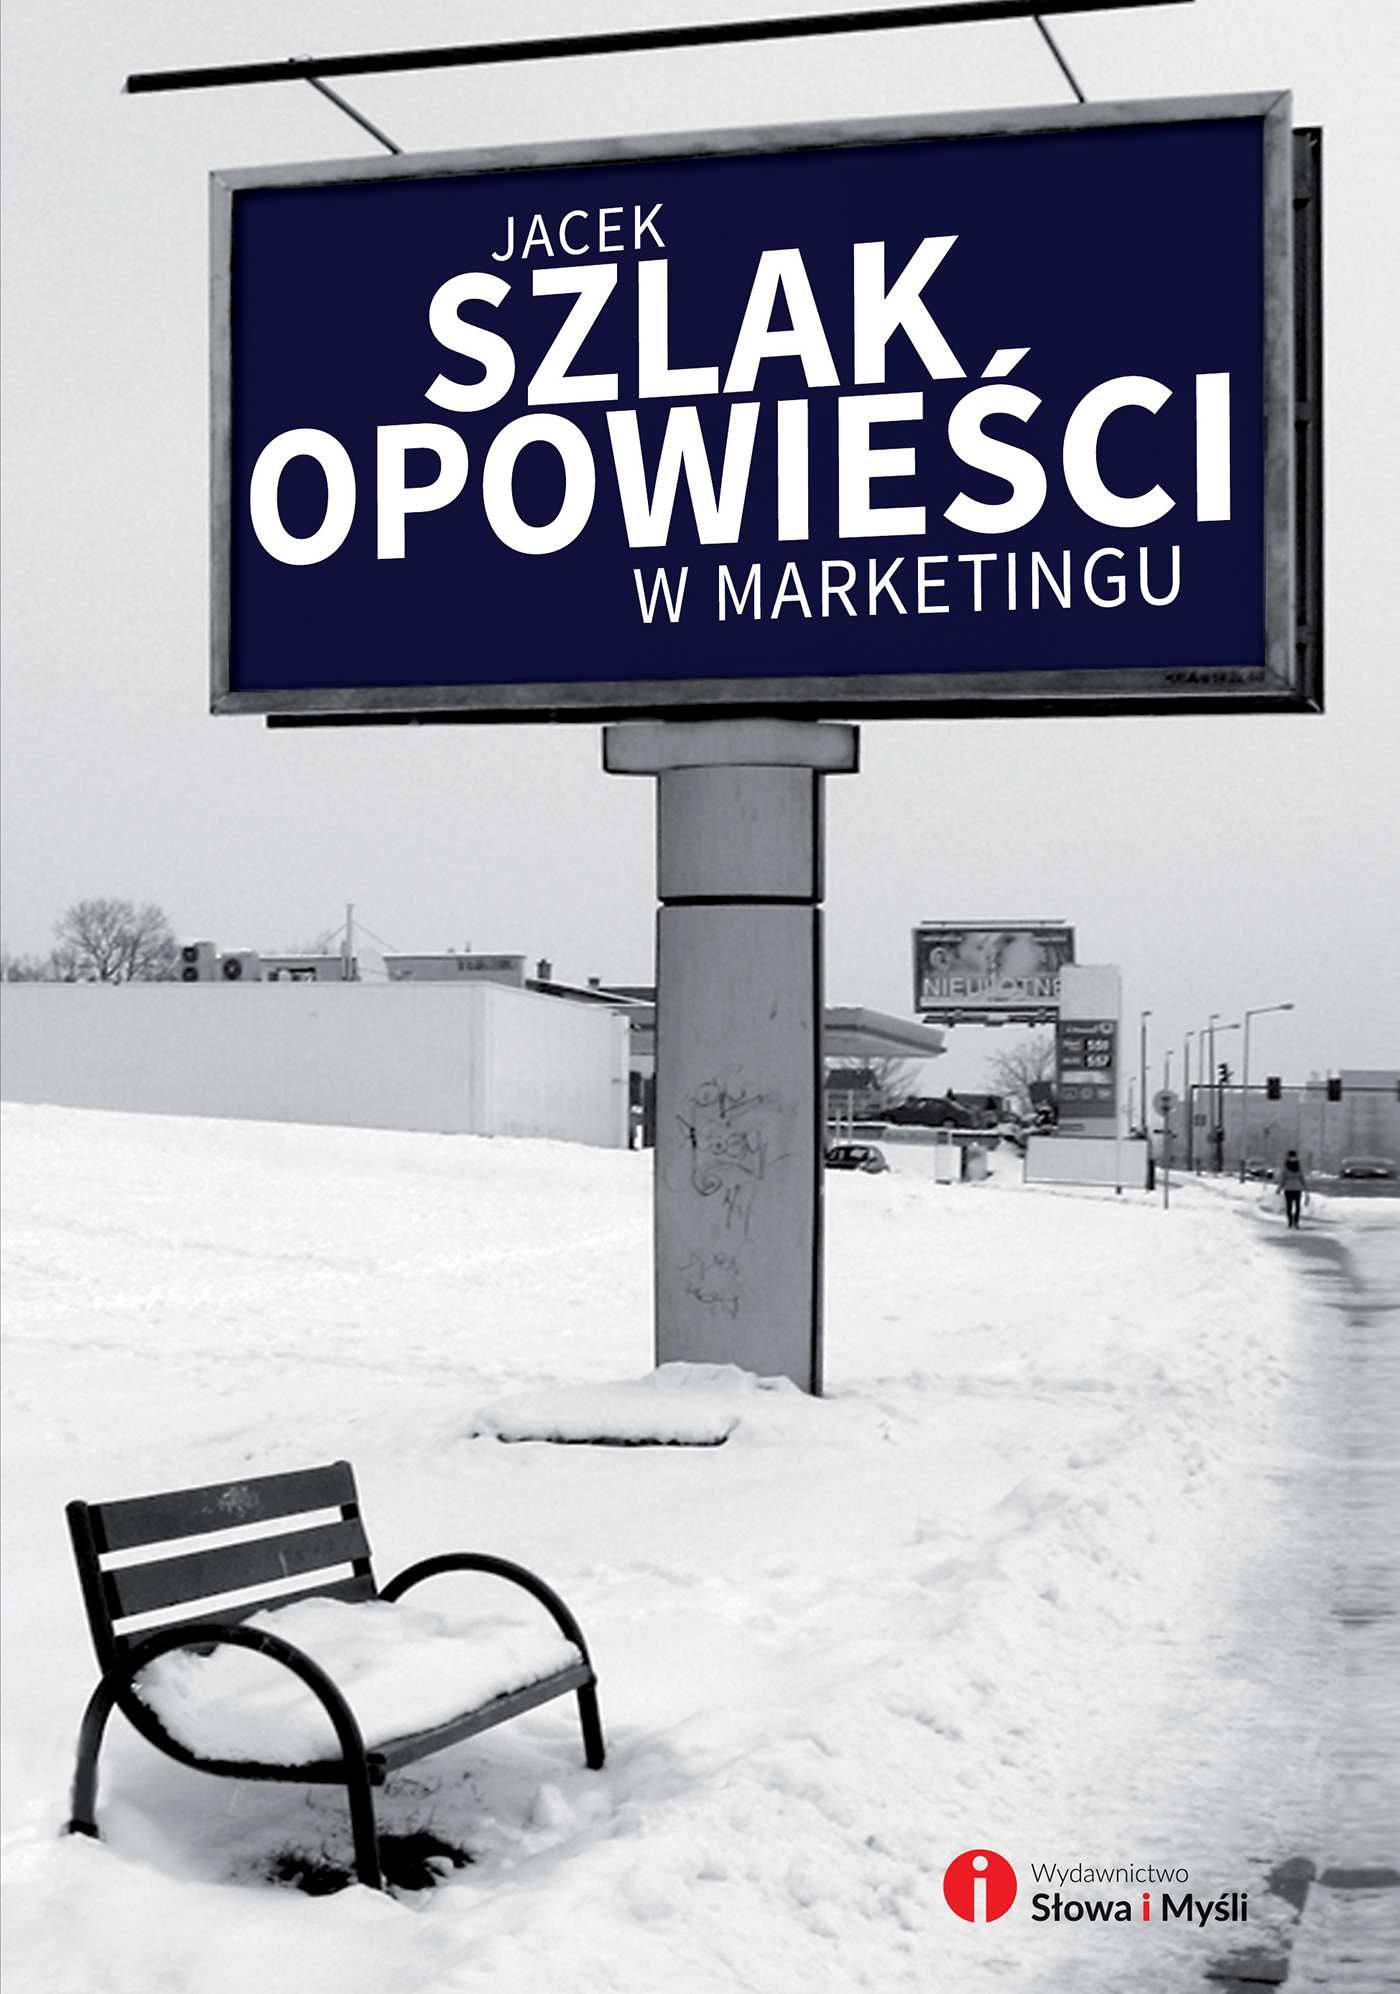 Opowieści w marketingu - Ebook (Książka EPUB) do pobrania w formacie EPUB